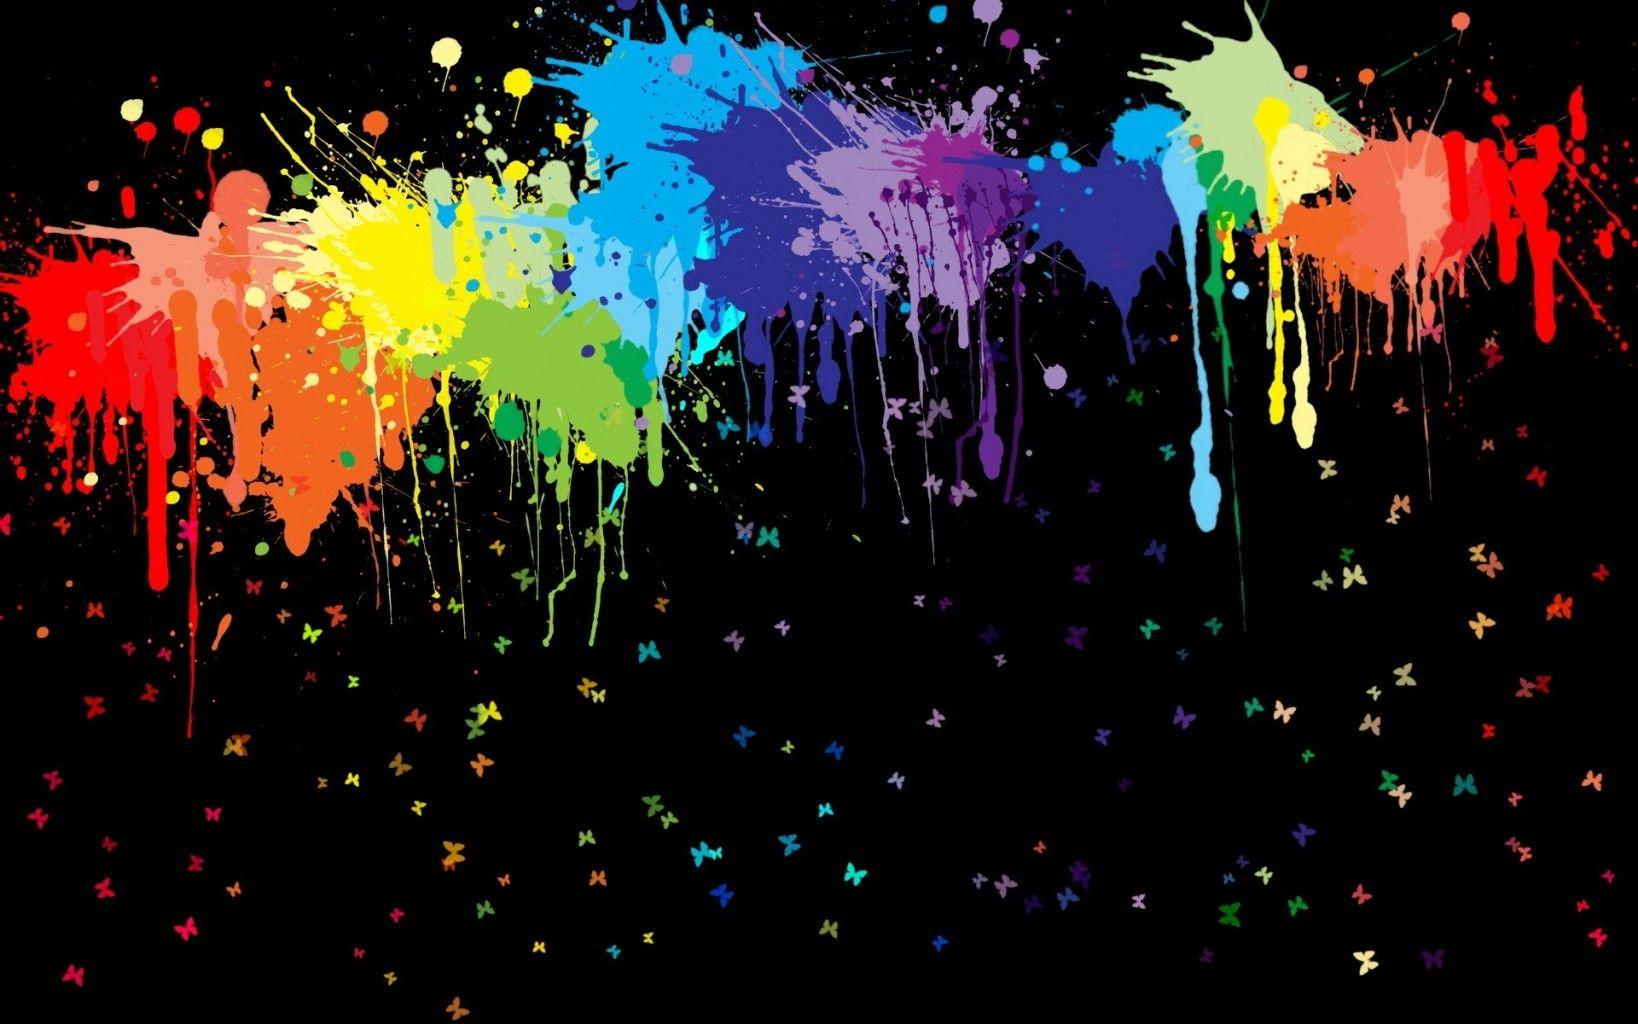 Imagen Gratis Con Manchas De Colores En Hd Manchas De Colores Pintura De Arco Iris Manchas De Pinturas